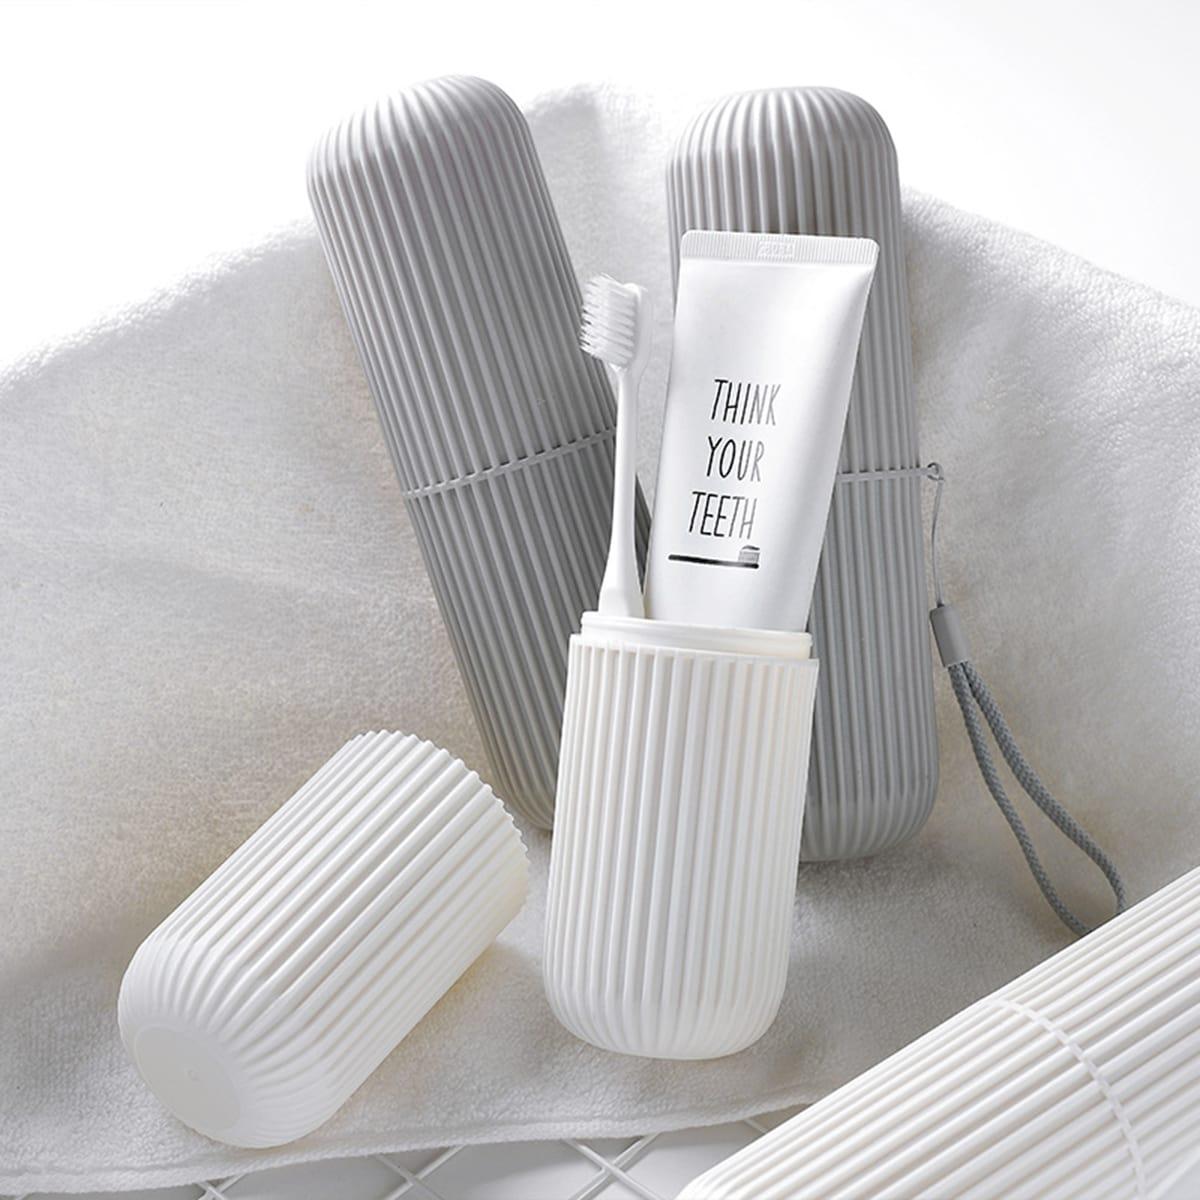 Tragbare Aufbewahrungsbox für Zahnbürsten 1 Stück